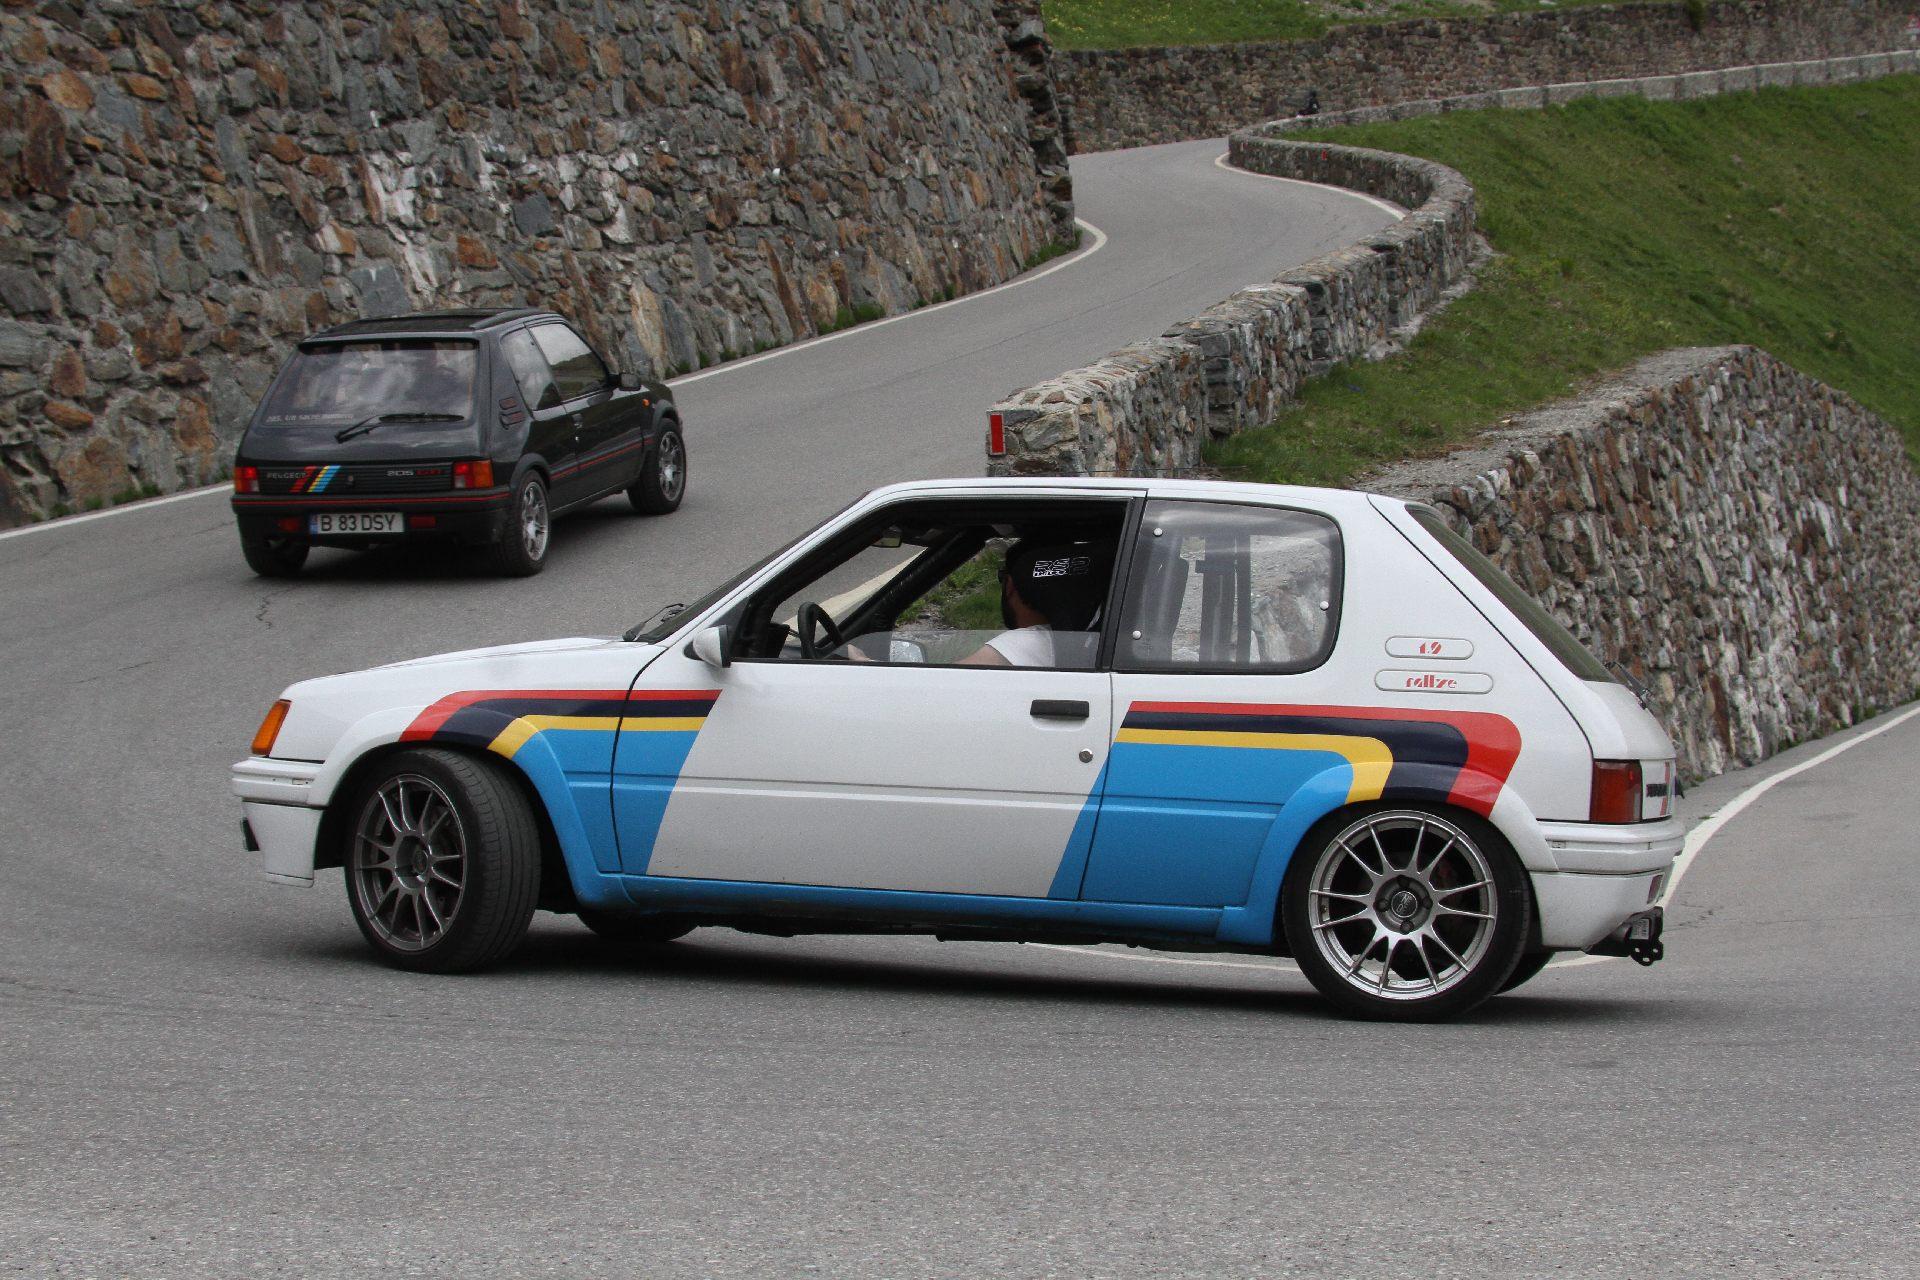 1990 Peugeot 205 Rallye